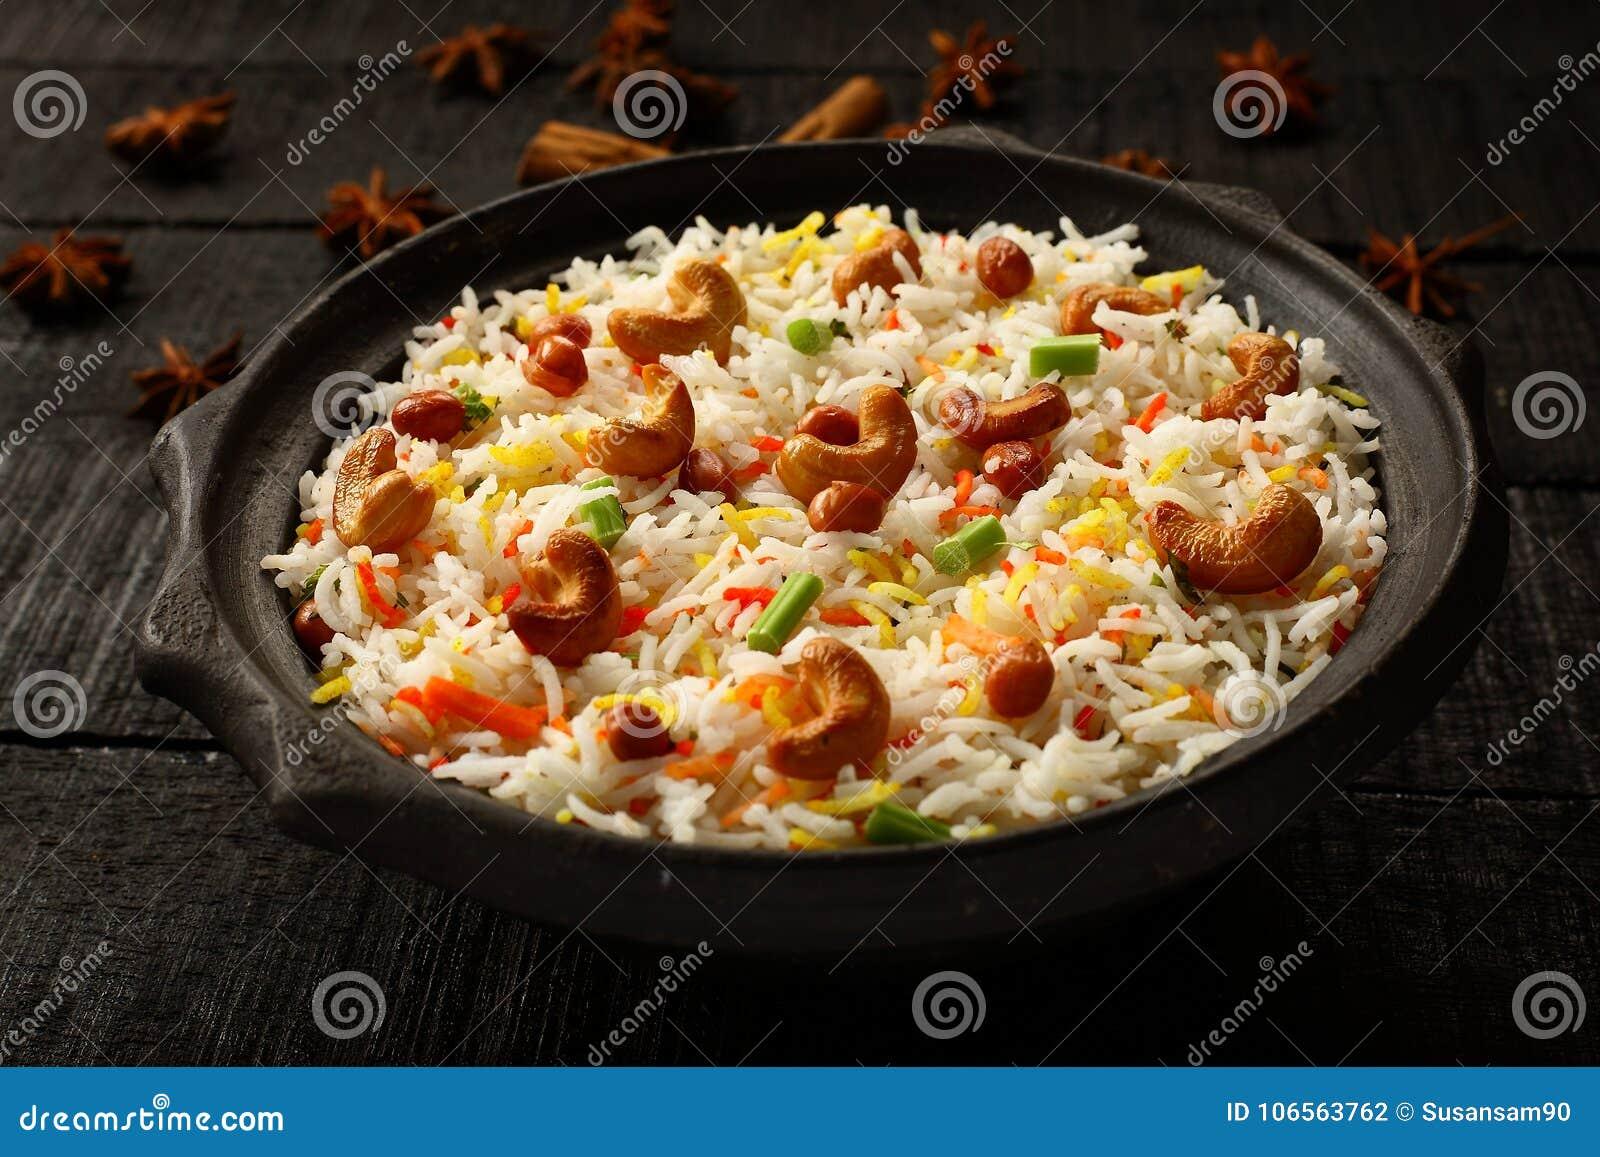 Pilaf végétal indien fait maison délicieux, biryani